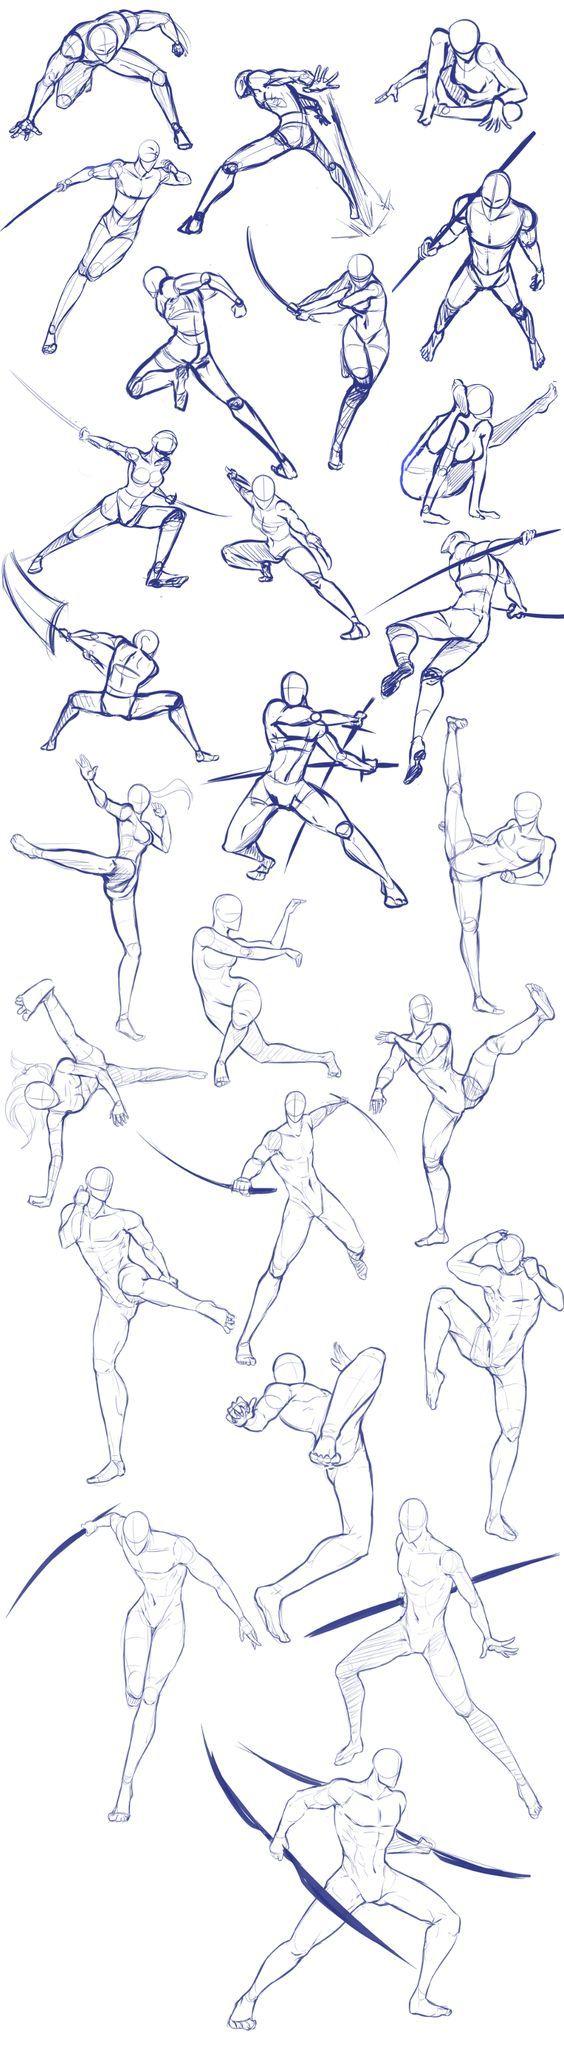 En esta imagen se observa el formato con el cual se desarrollan las animaciones en su parte especifica de los golpes o ataques que hacen sus luchadores; esta es una de lasa bases claves para llevar a cabo una animación.